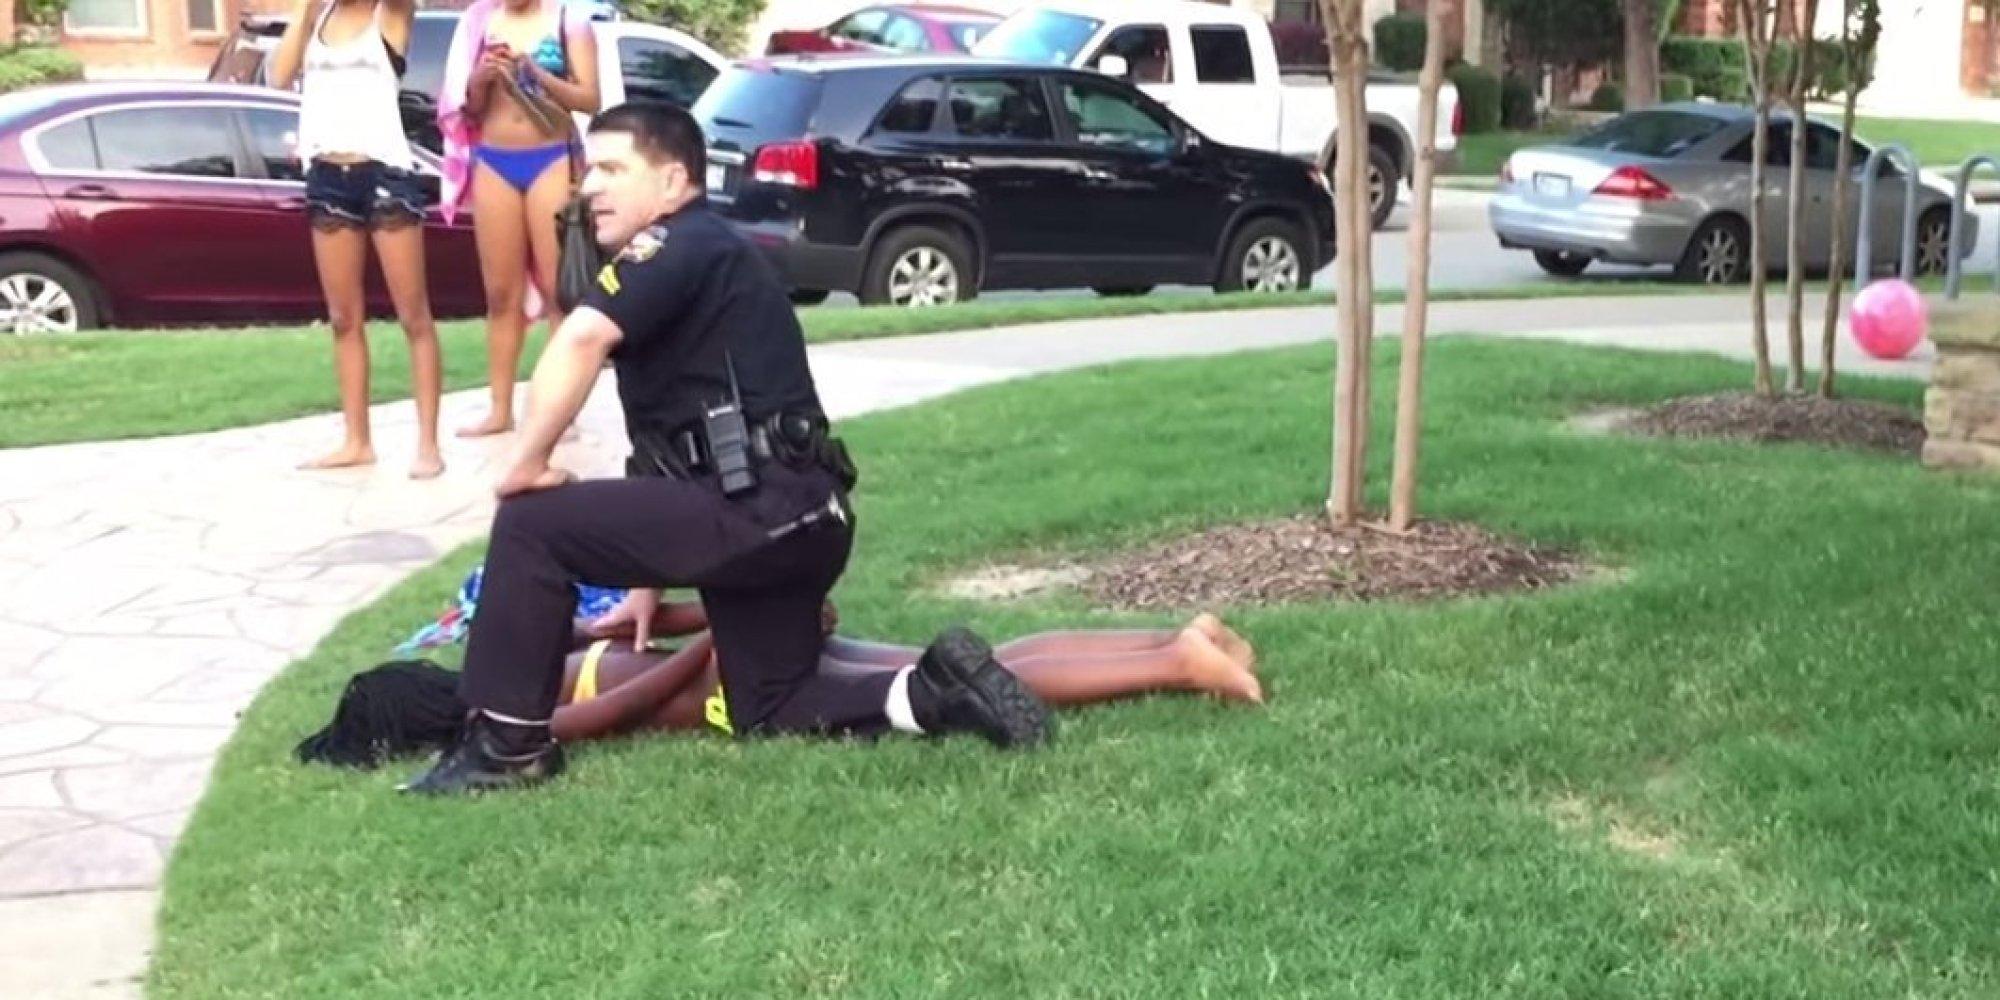 Eric Casebolt Mckinney Police Officer Involved In Pool